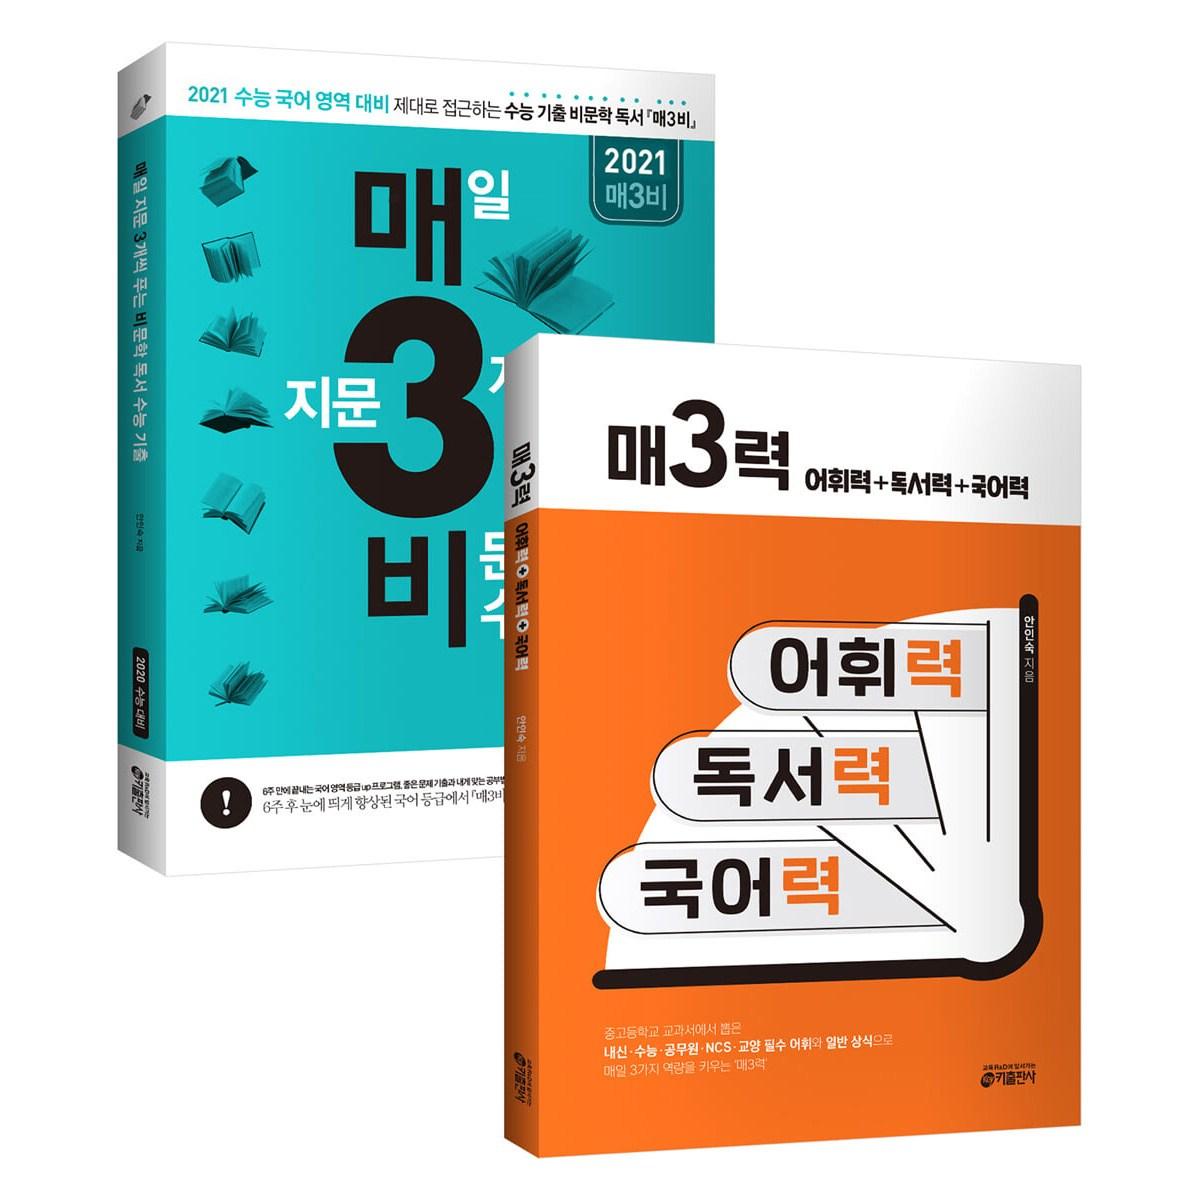 키출판사 매3력 + 매3비(2021) (전2권)